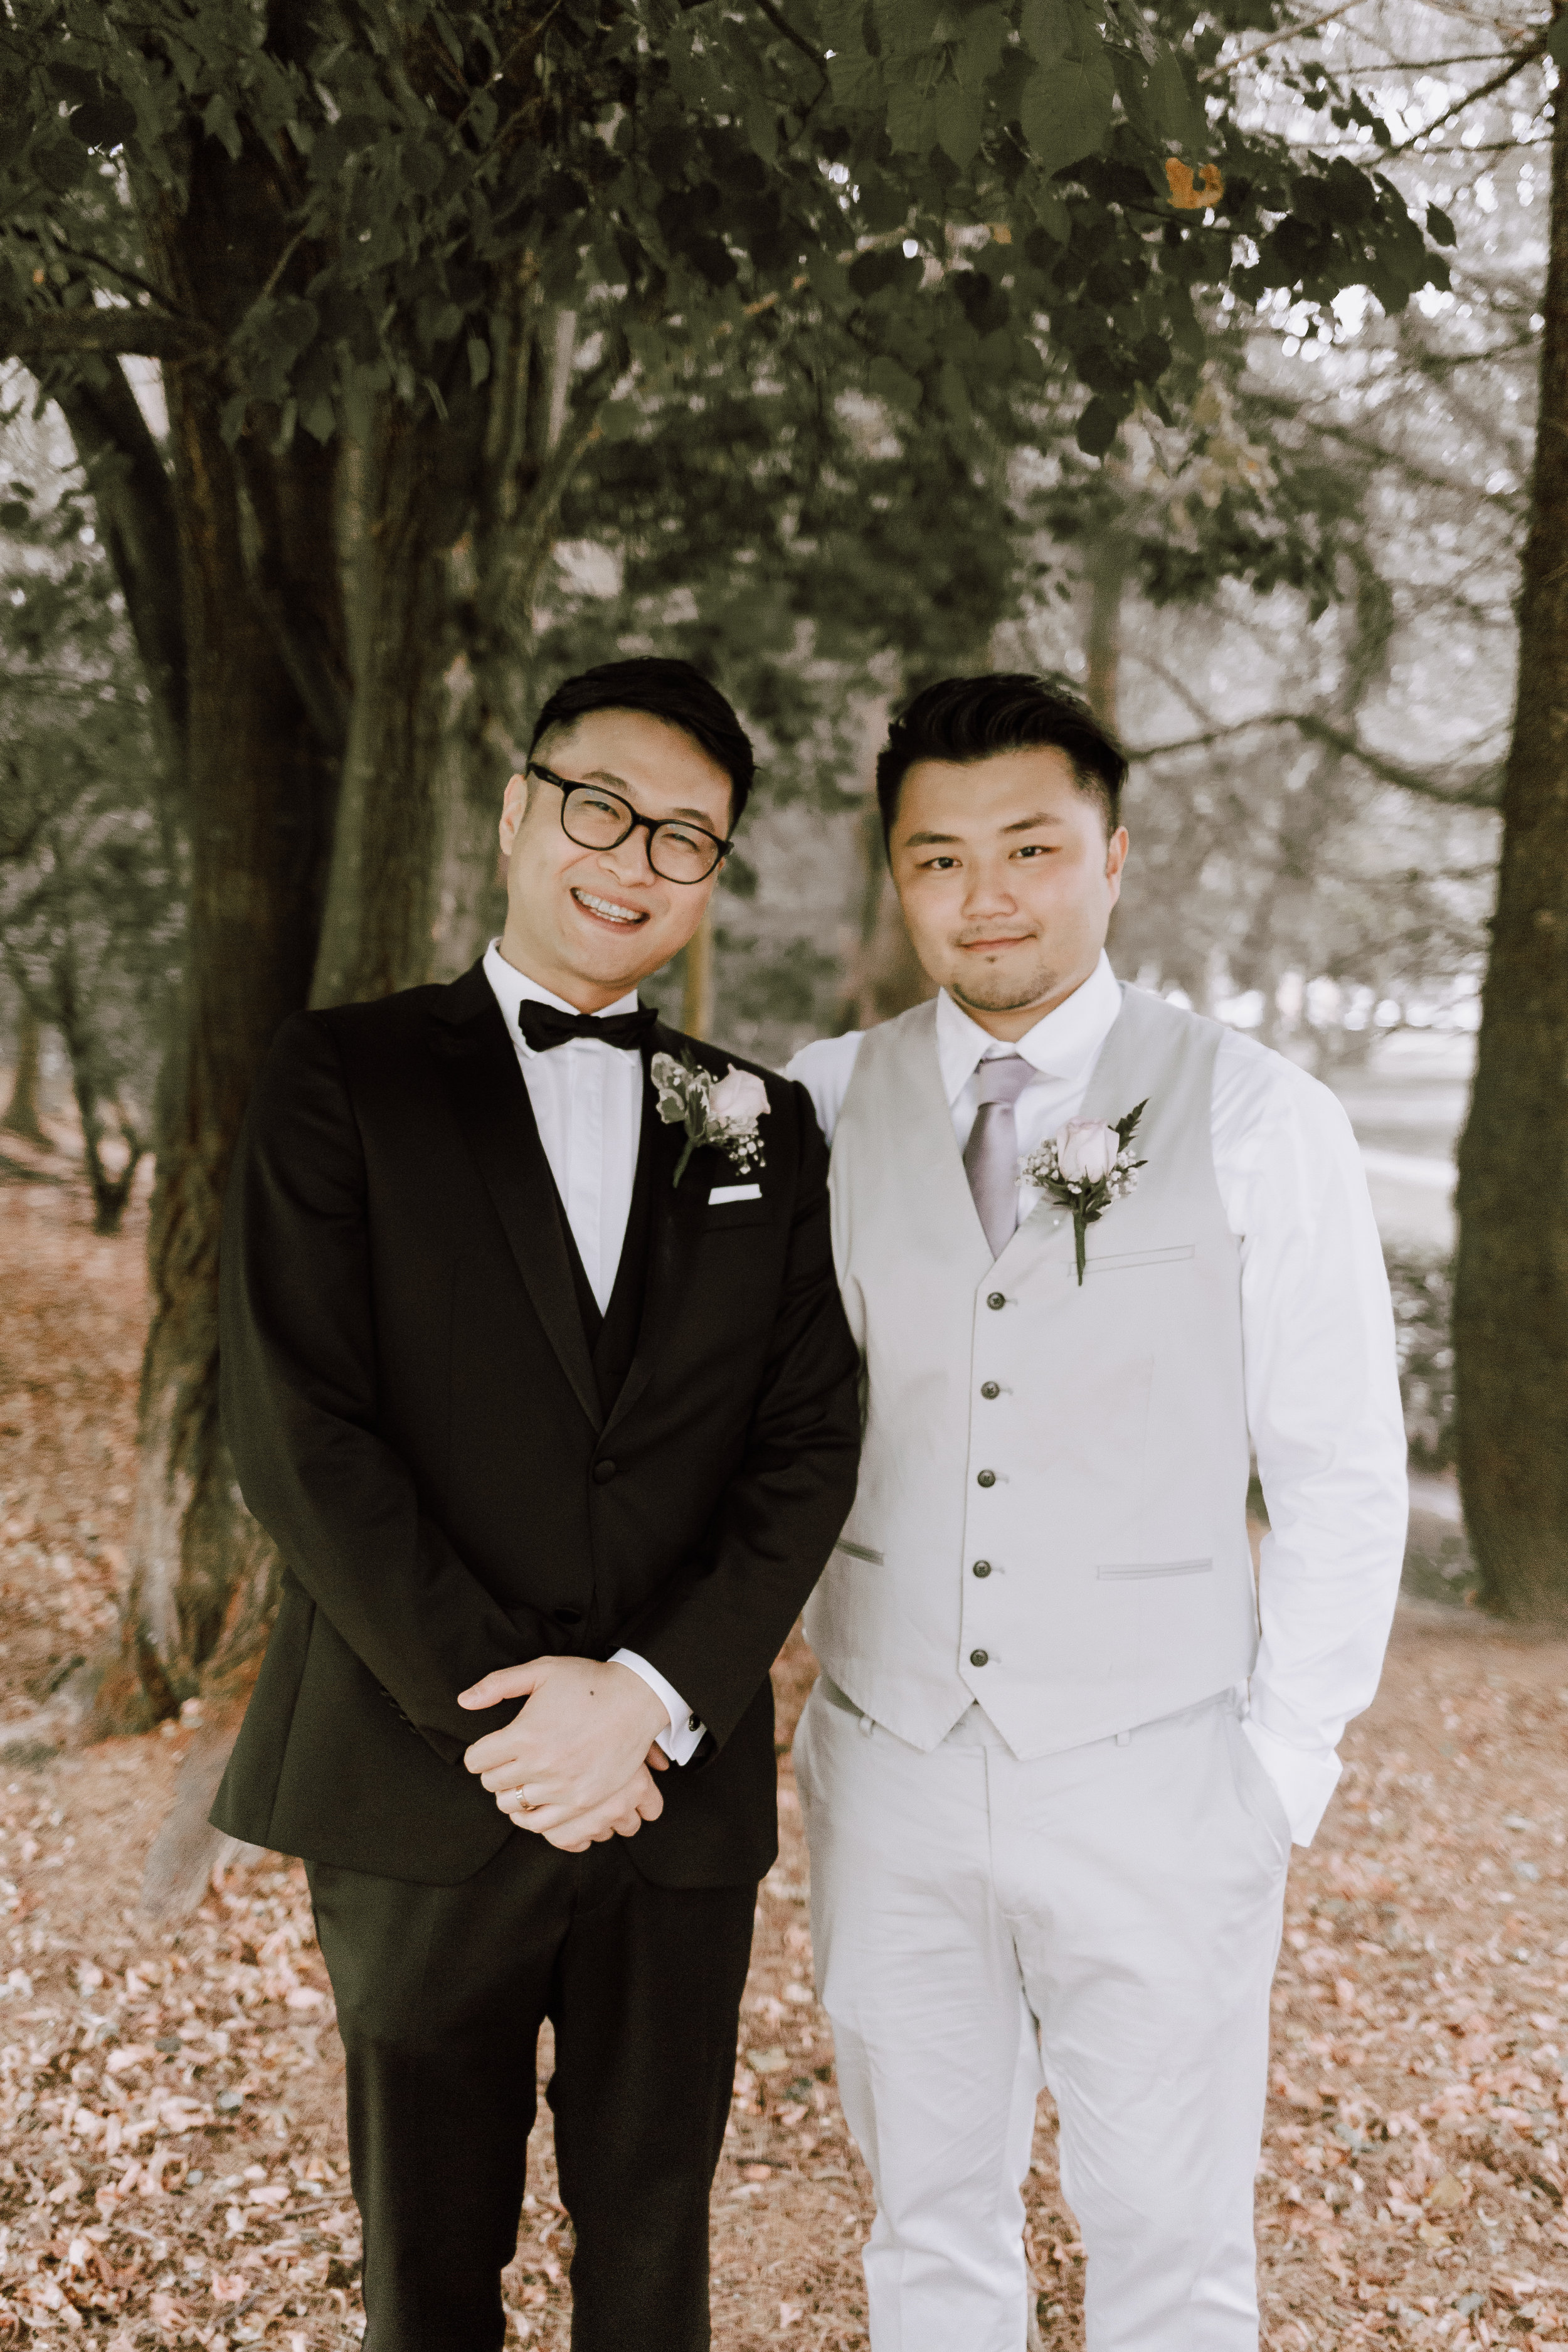 Wedding 090818-161.jpg